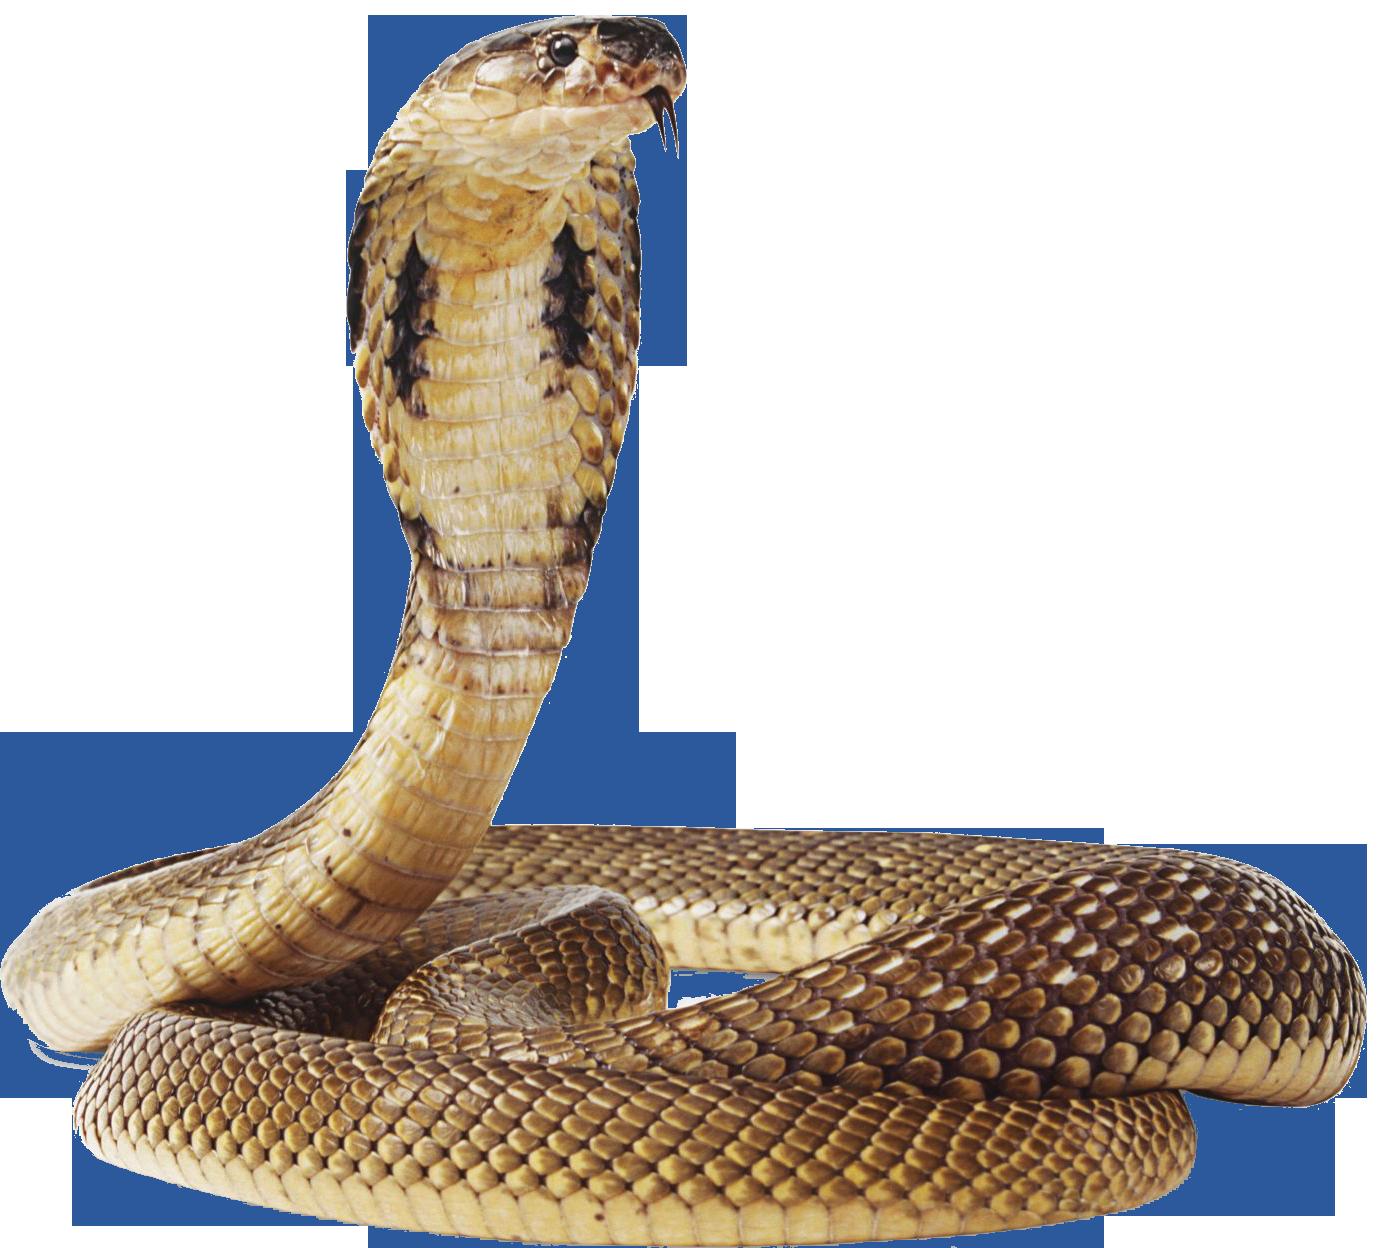 Snake Png Image Editing Background Mahadev Image